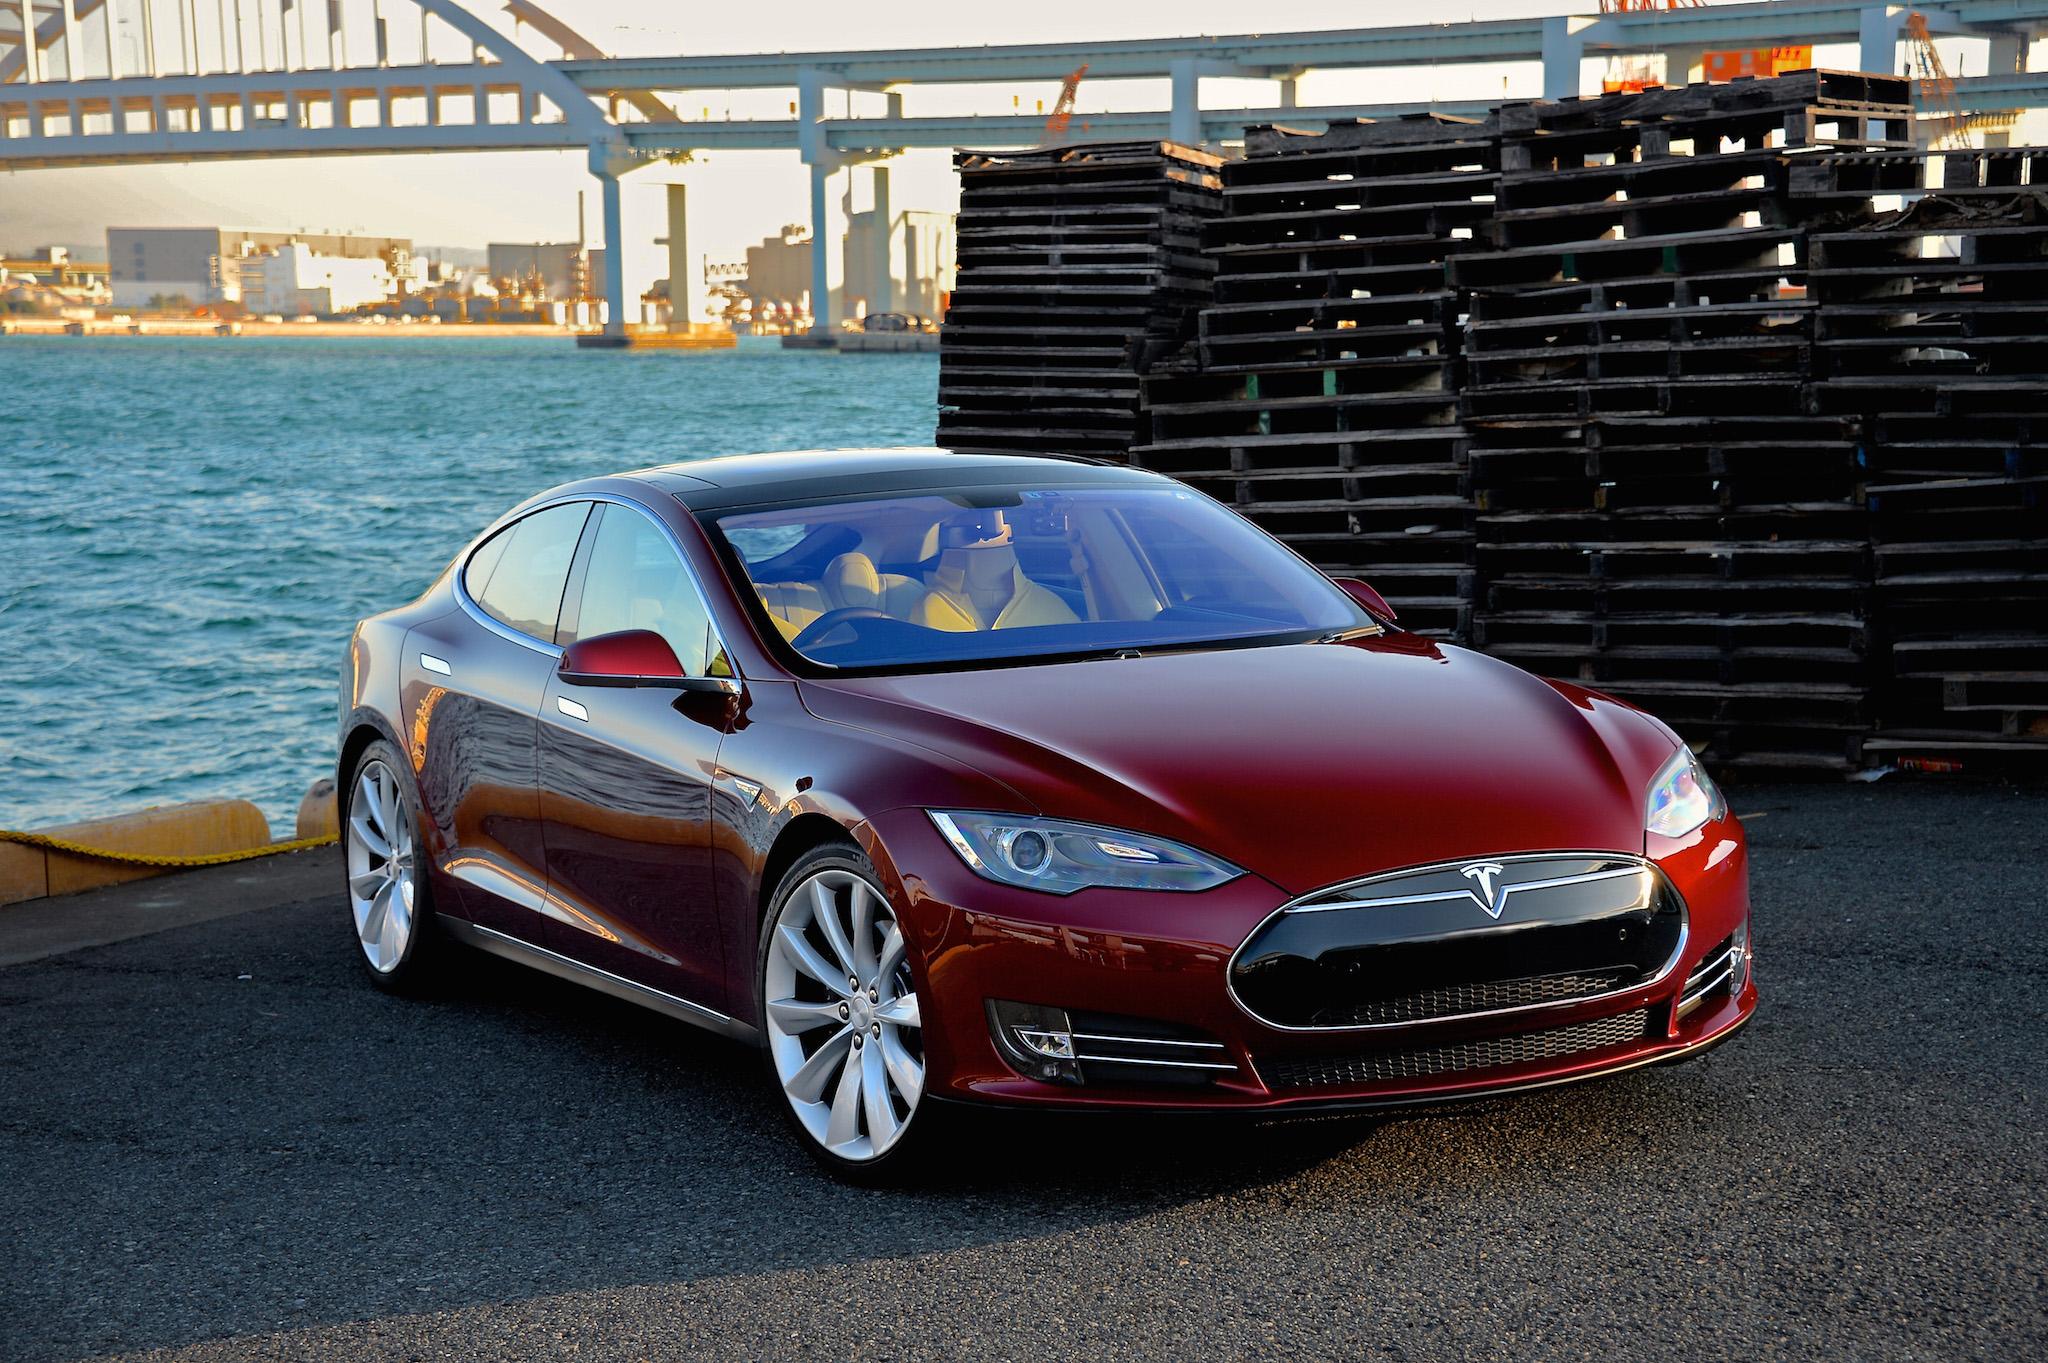 Elon Musk szerint a jövőben az autó pénzt kereshet nekünk, vagy legalább kifizeti a hitelét